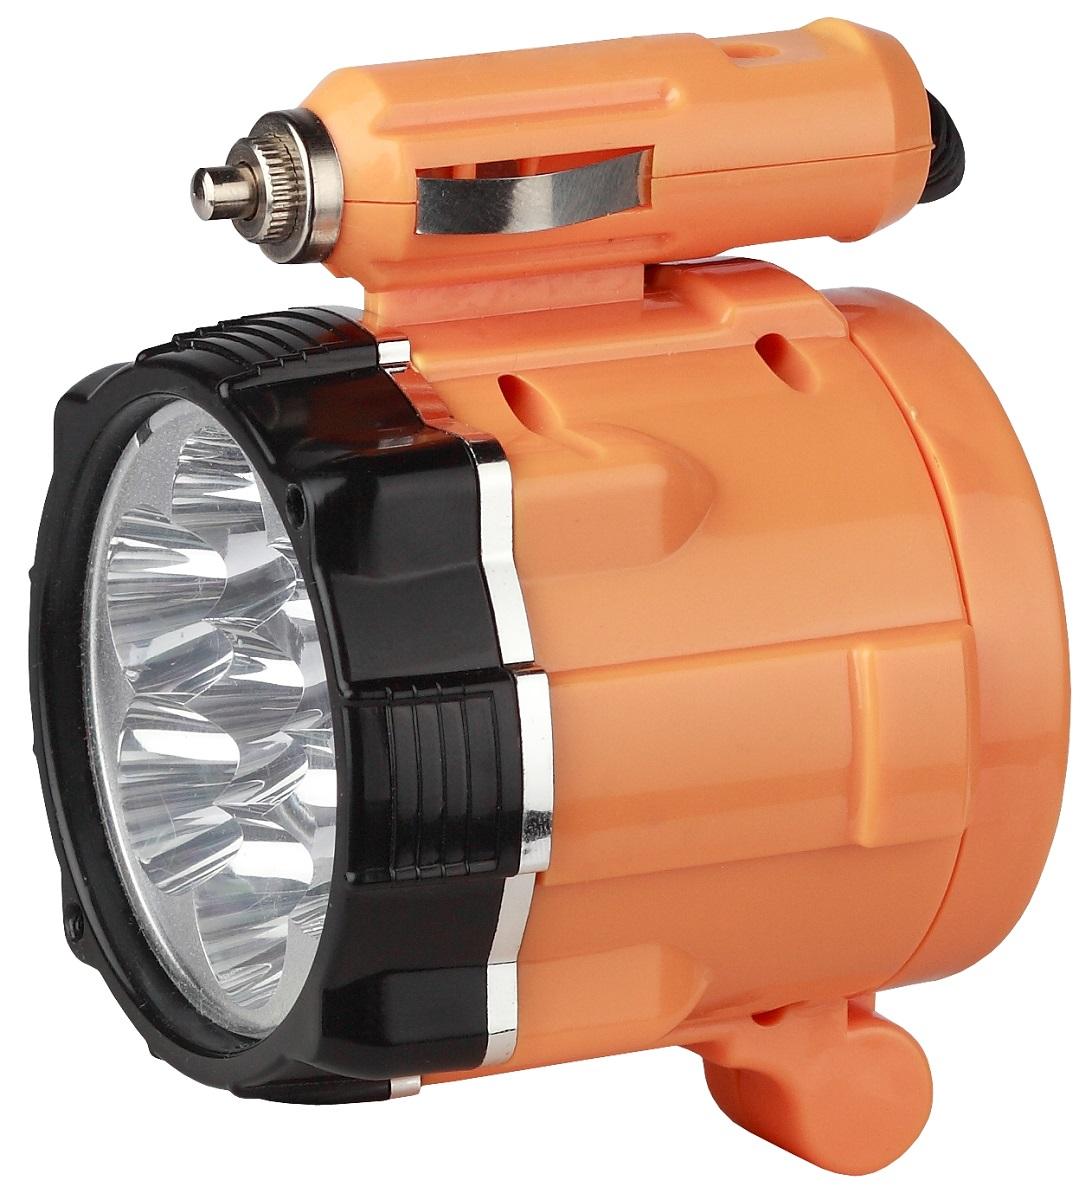 Фонарь ручной Эра A3M, цвет: оранжевый, черный фонарь ручной эра a3m цвет оранжевый черный